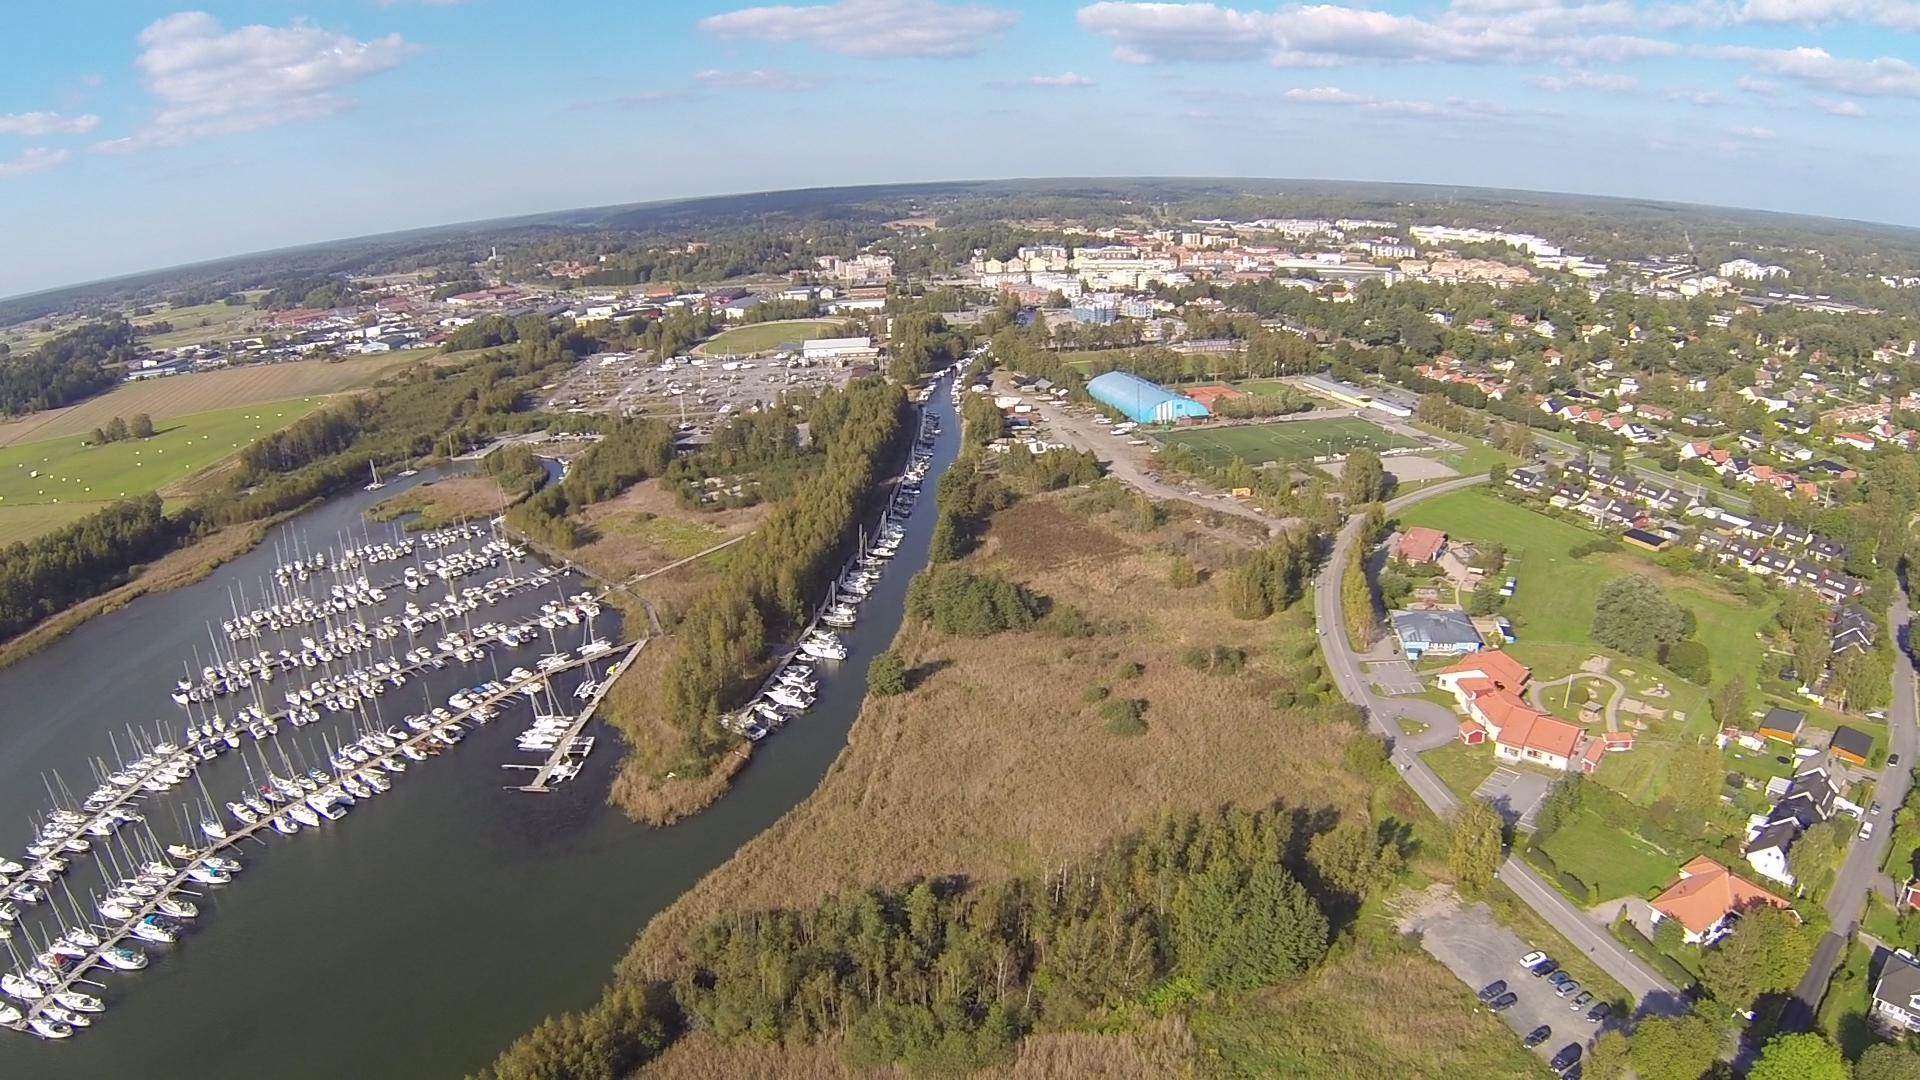 vlcsnap-2014-09-25-21h11m19s26